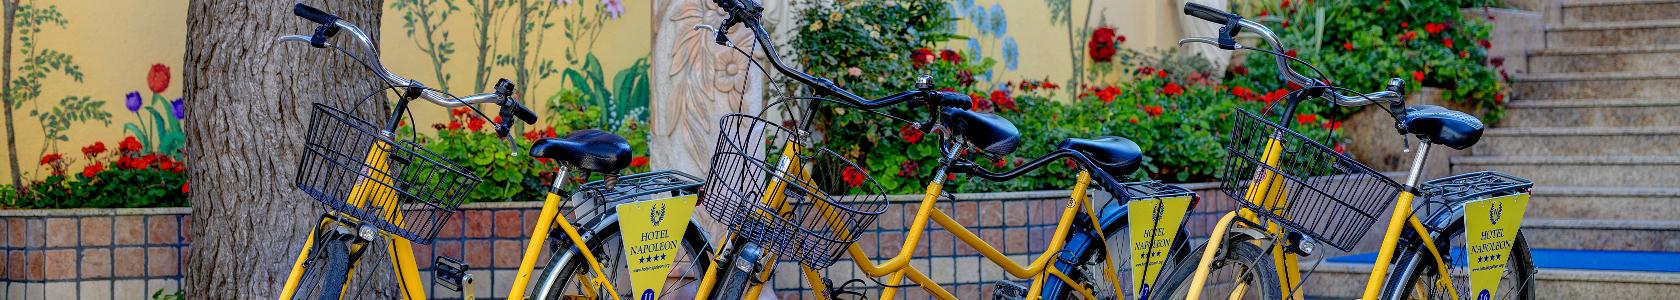 Noleggio bici gratuito Hotel Napoleon